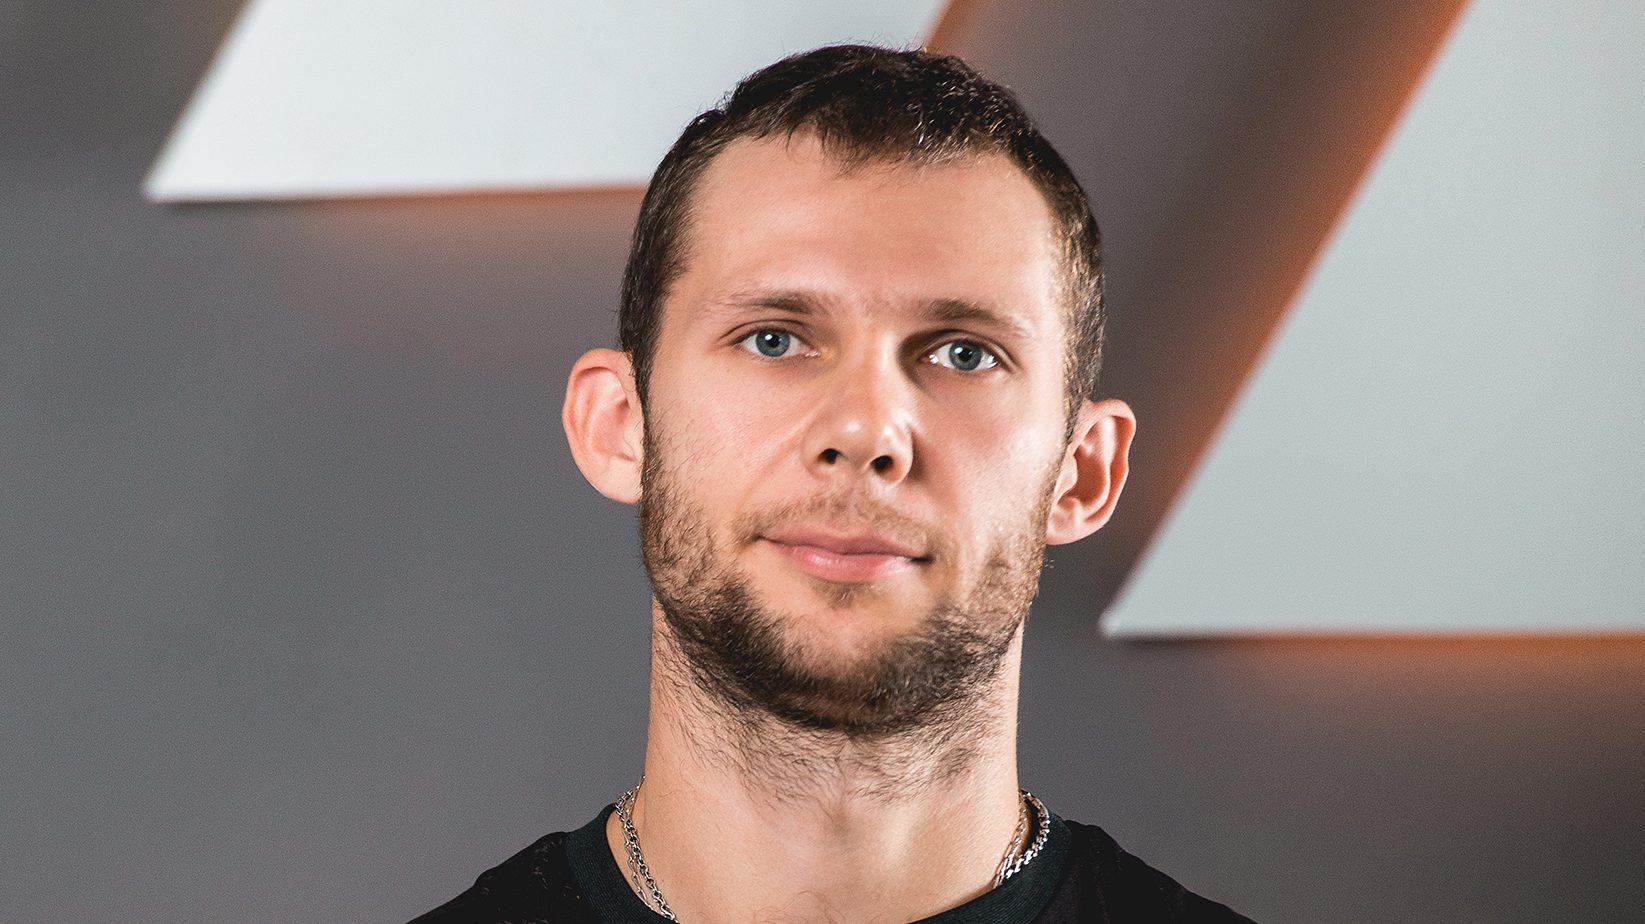 Юрій Томин, діагональний ВК «Барком-Кажани»: «У волейбол  потрапив випадково»